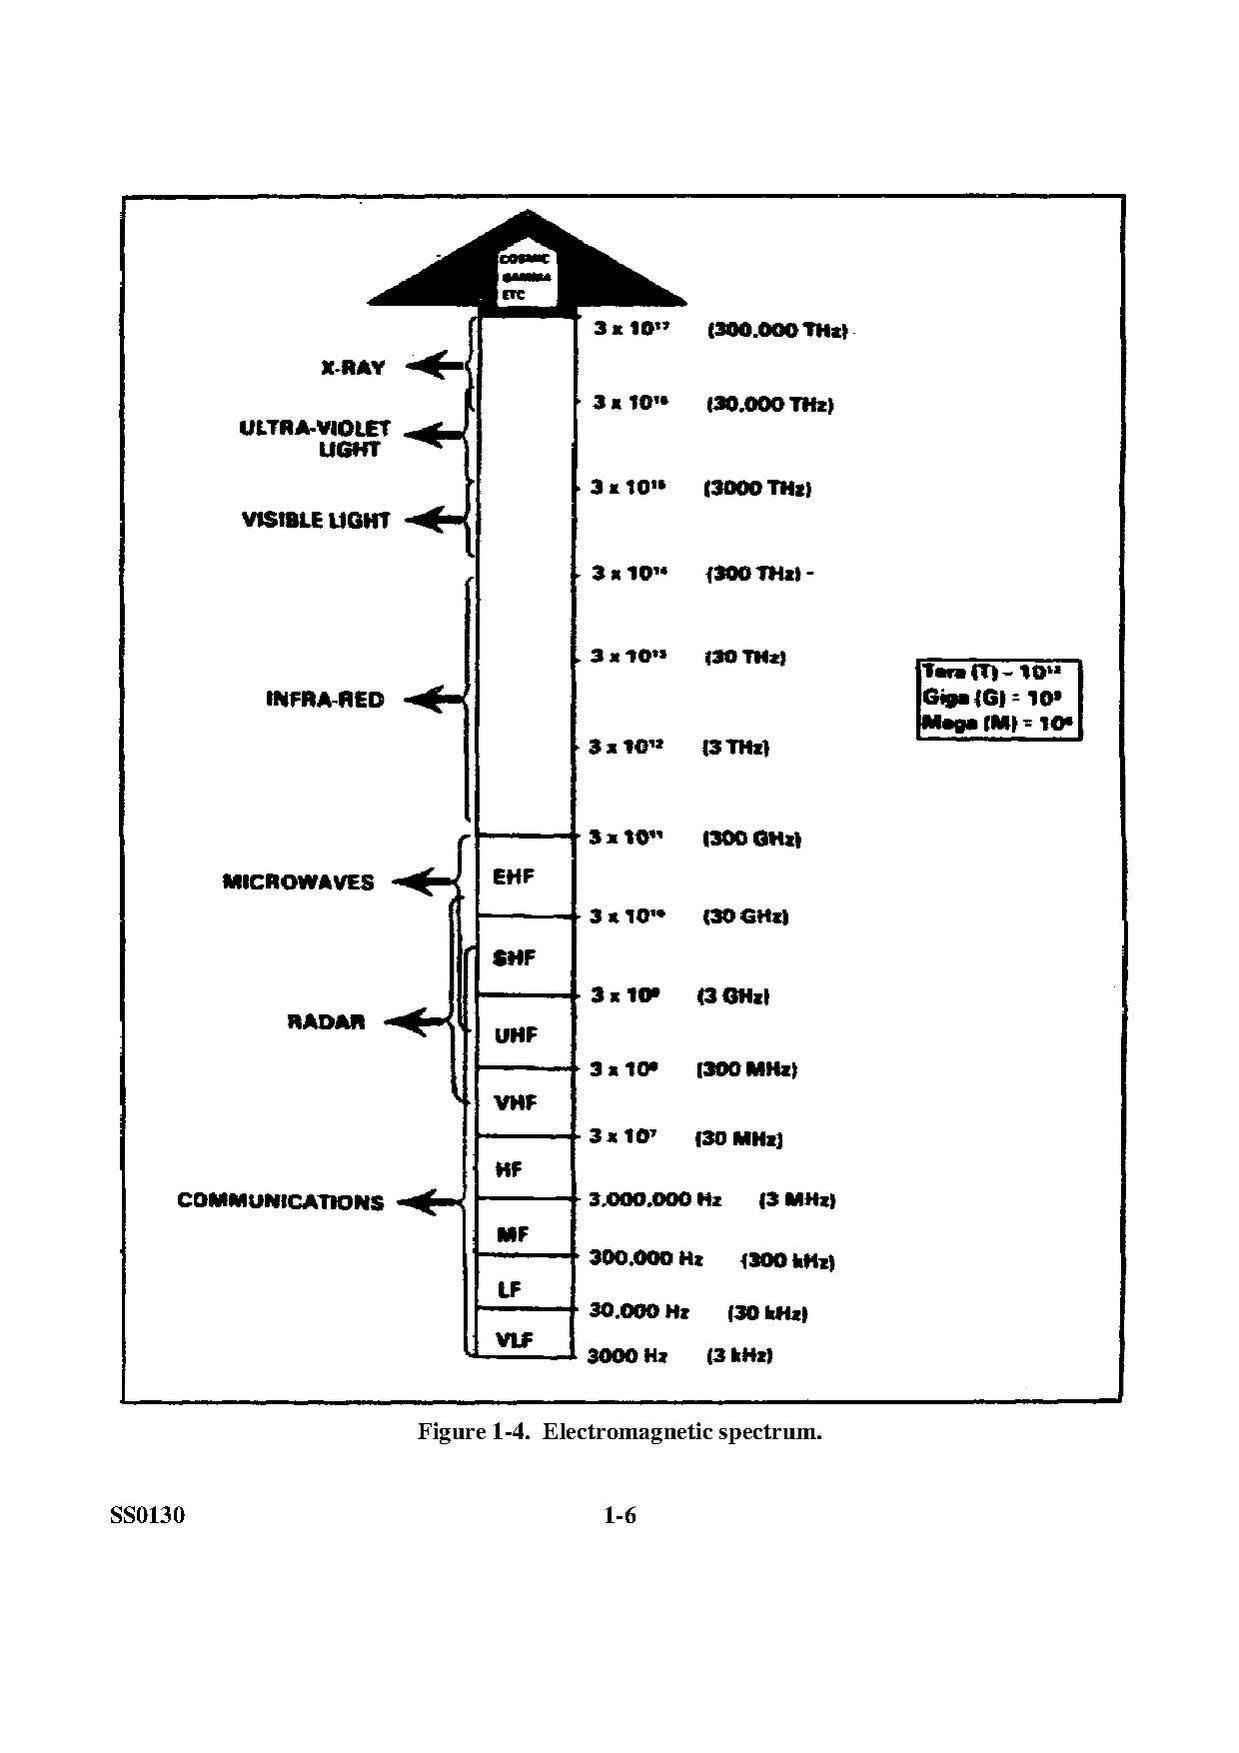 File Electromagnetic Spectrum Diagram